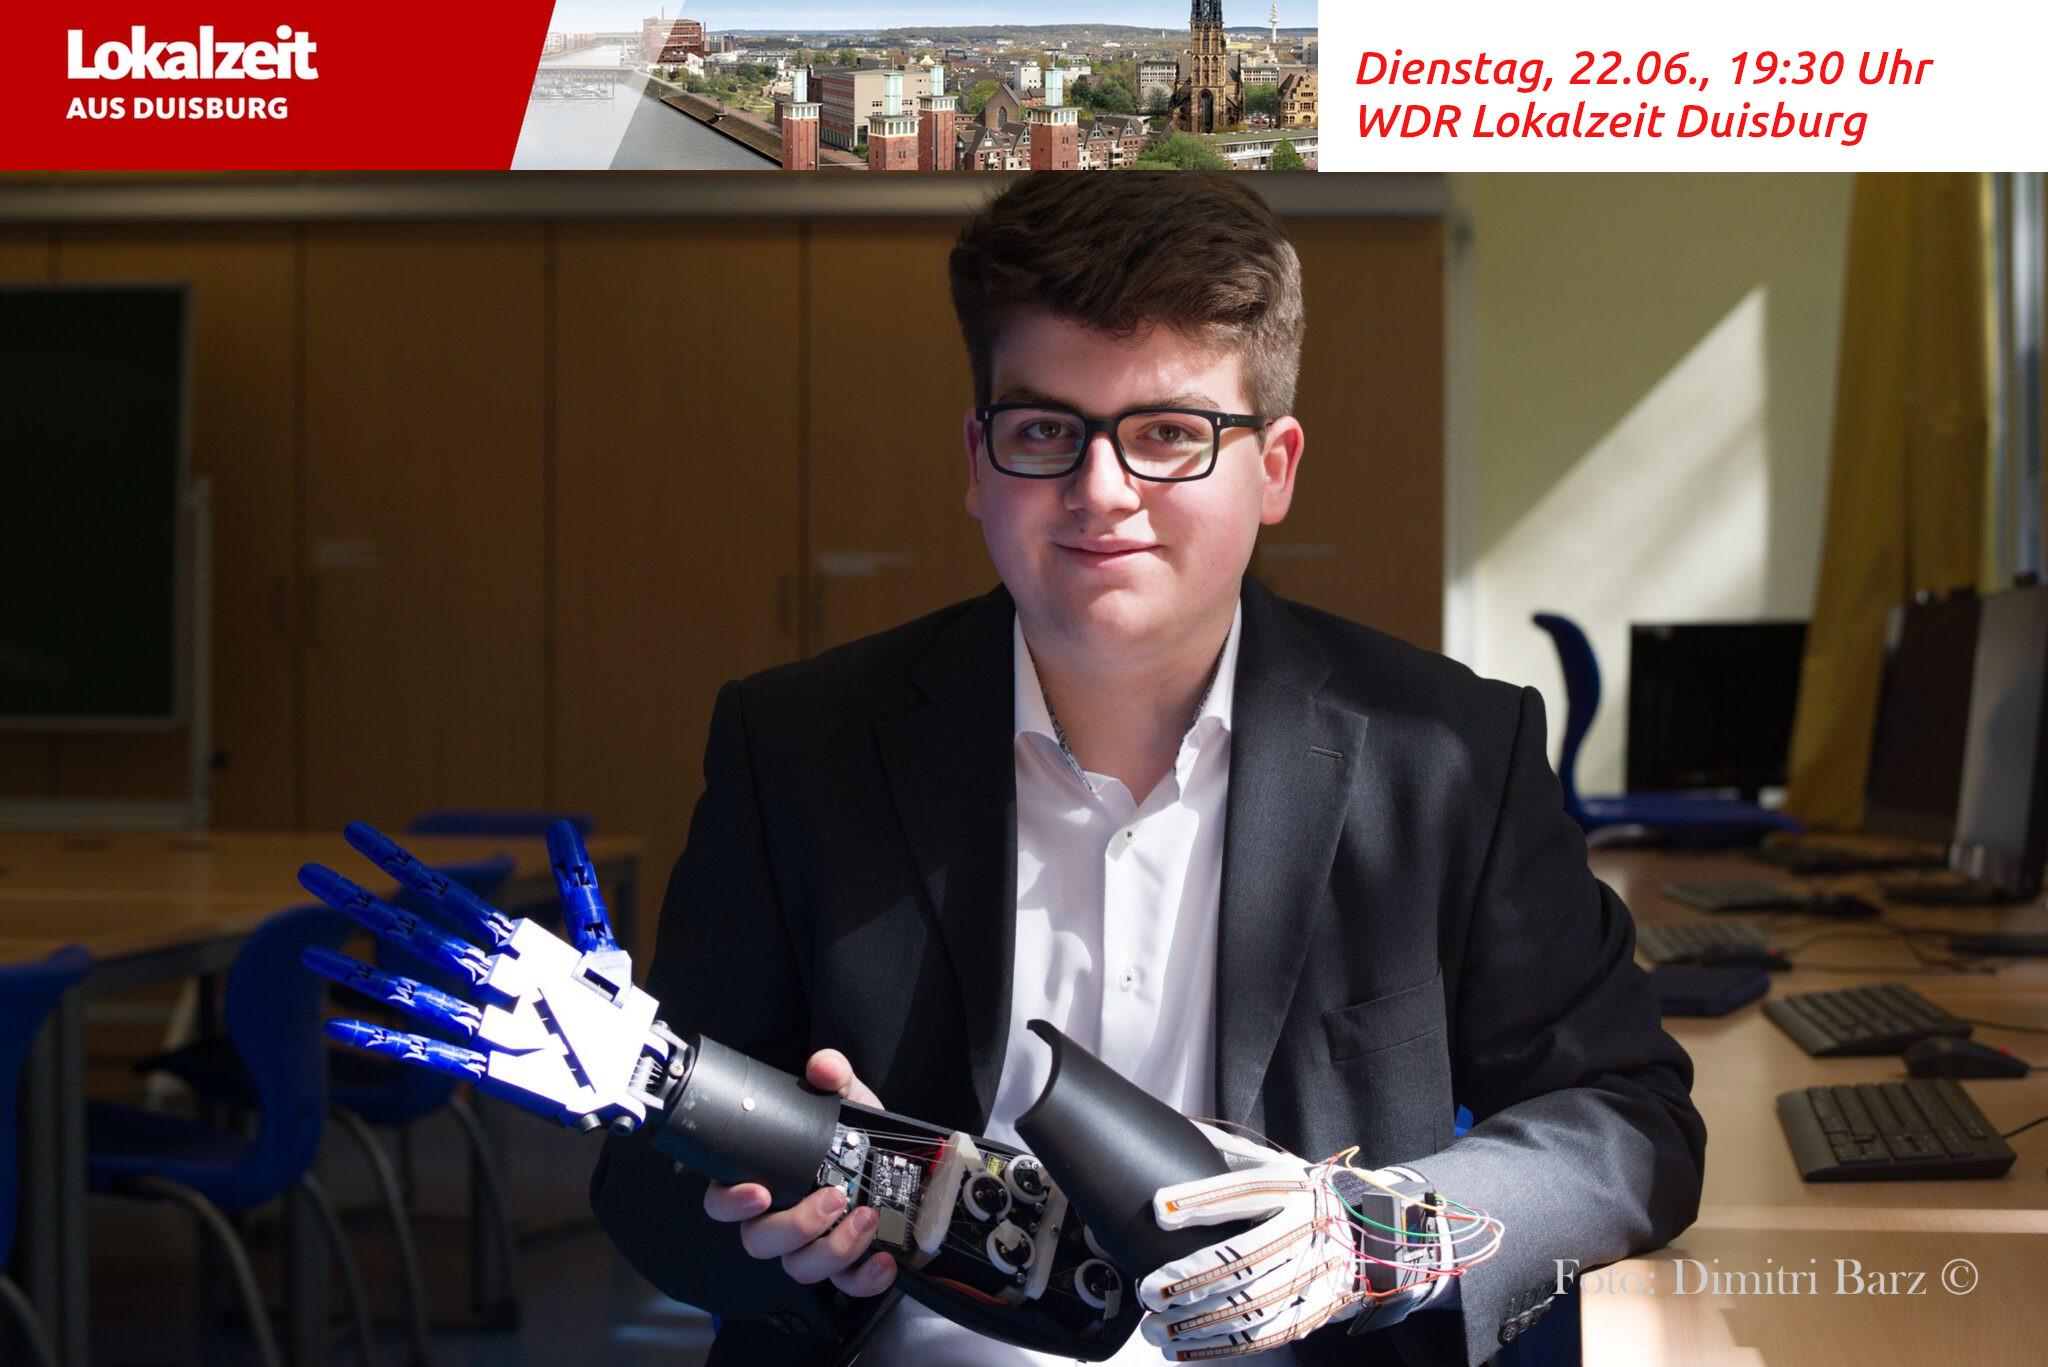 3D Druck: Vom Schlüsselanhänger zur Armprothese – im WDR-TV